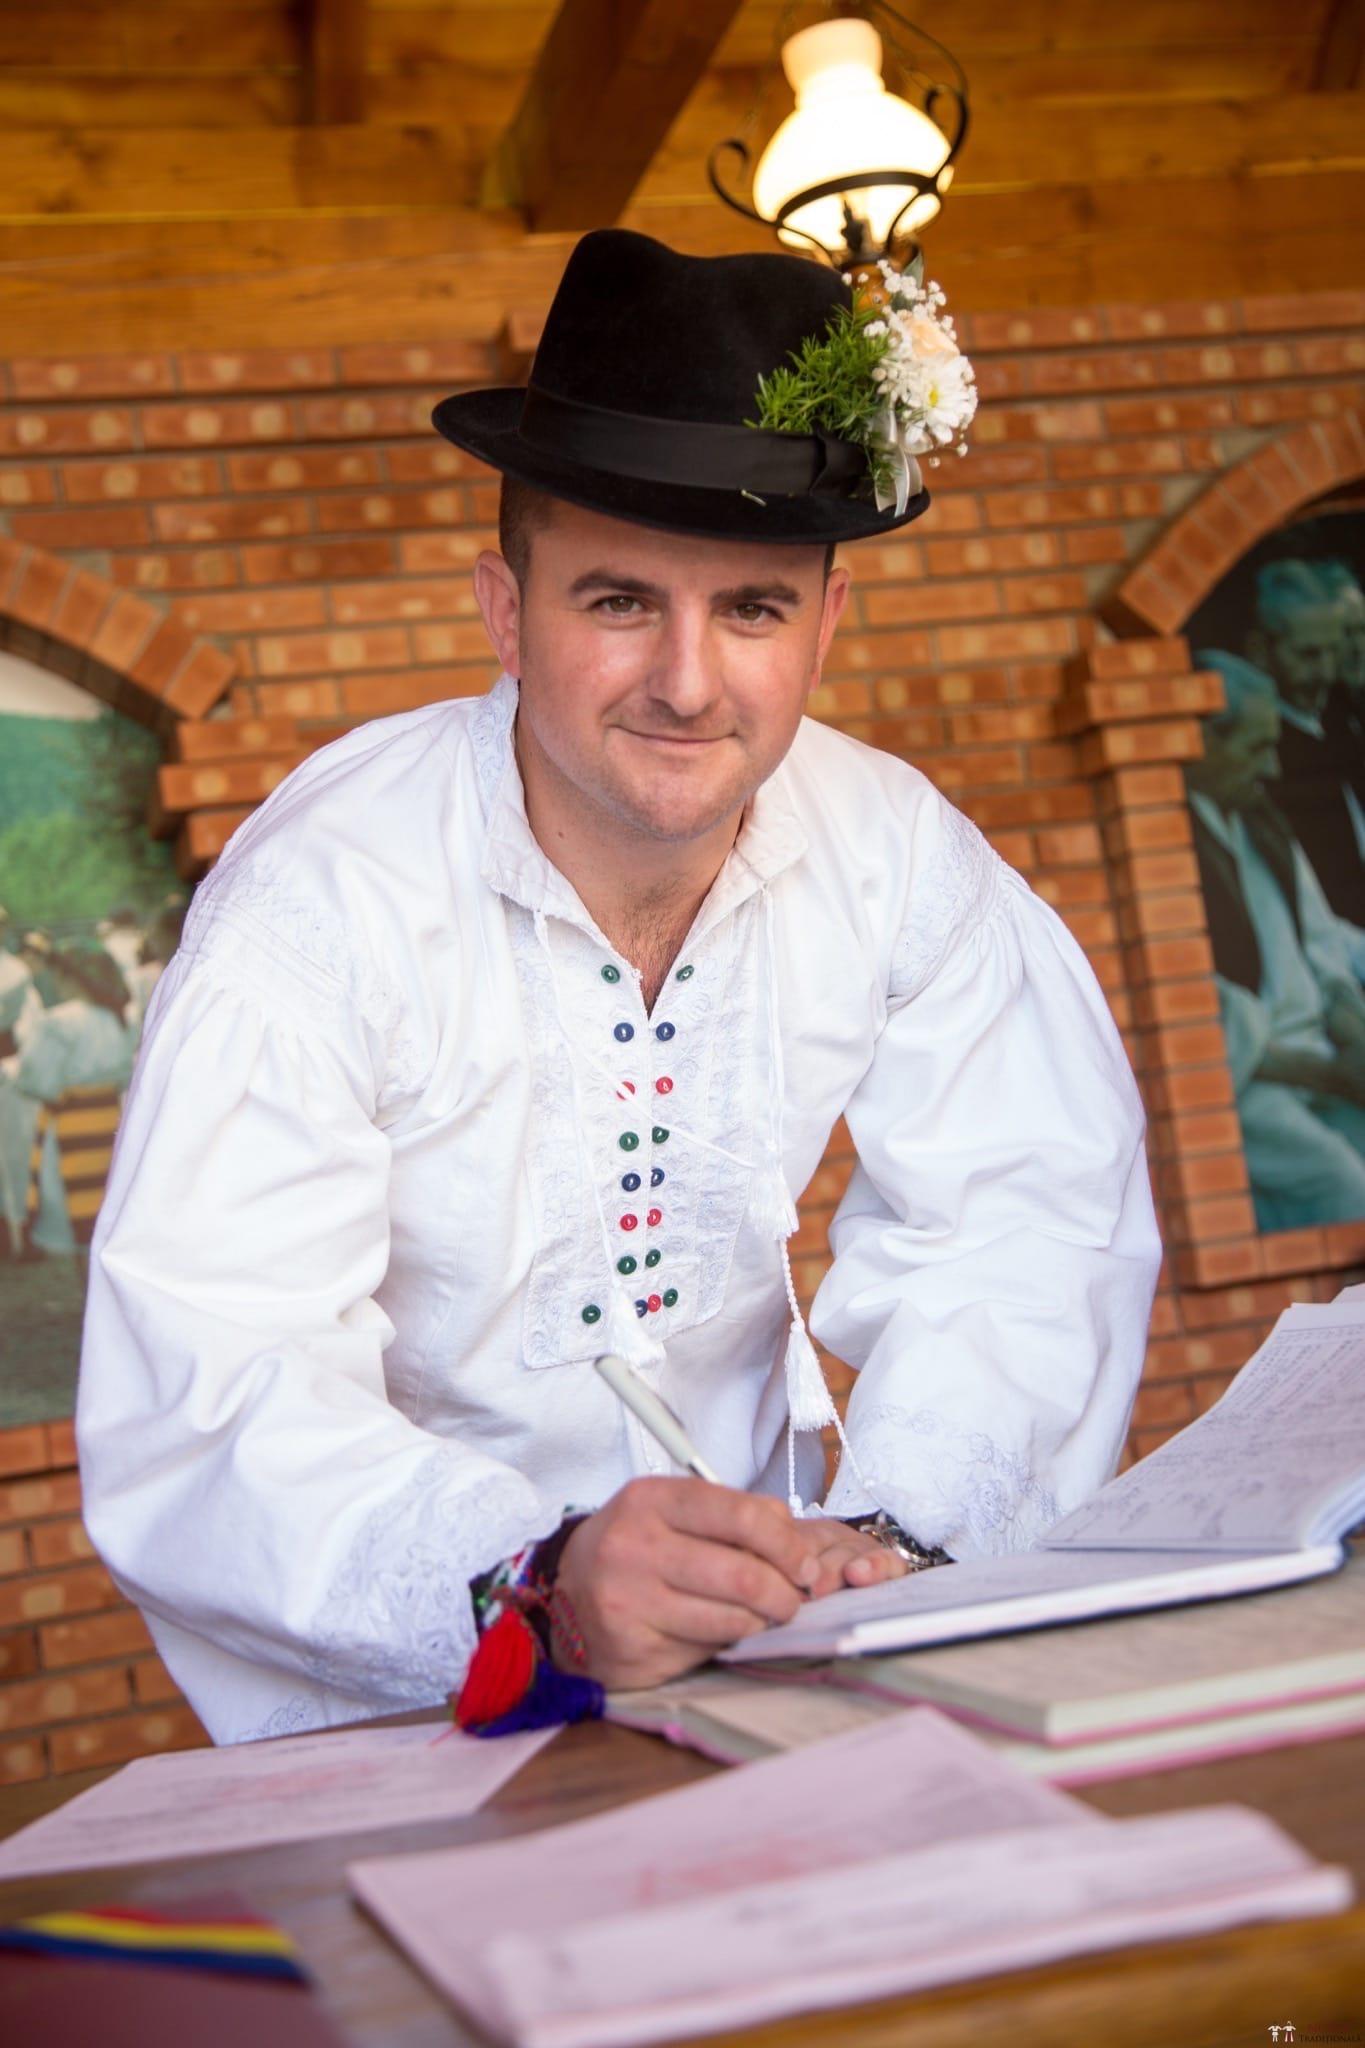 Povești Nunți Tradiționale - Ancuța și Nicu, cununie tradițională în Giulești, Maramureș 22